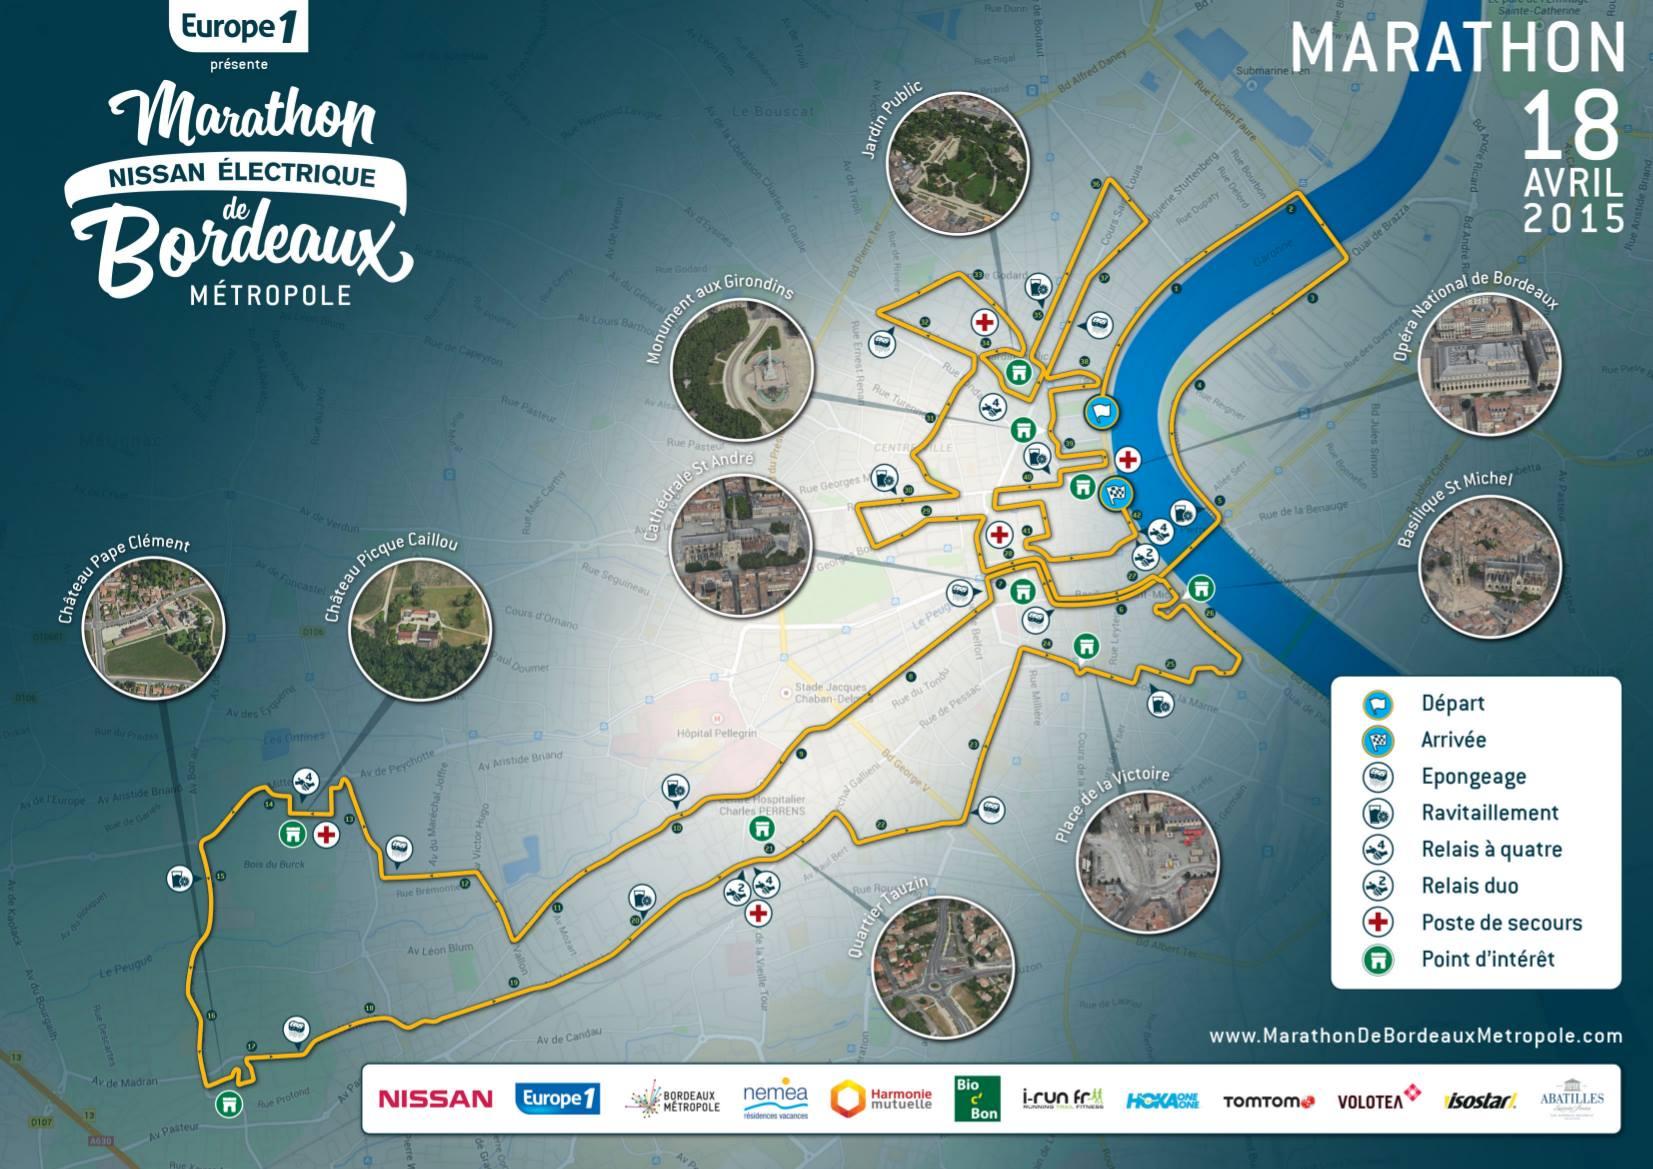 Parcours de Marathon de Bordeaux